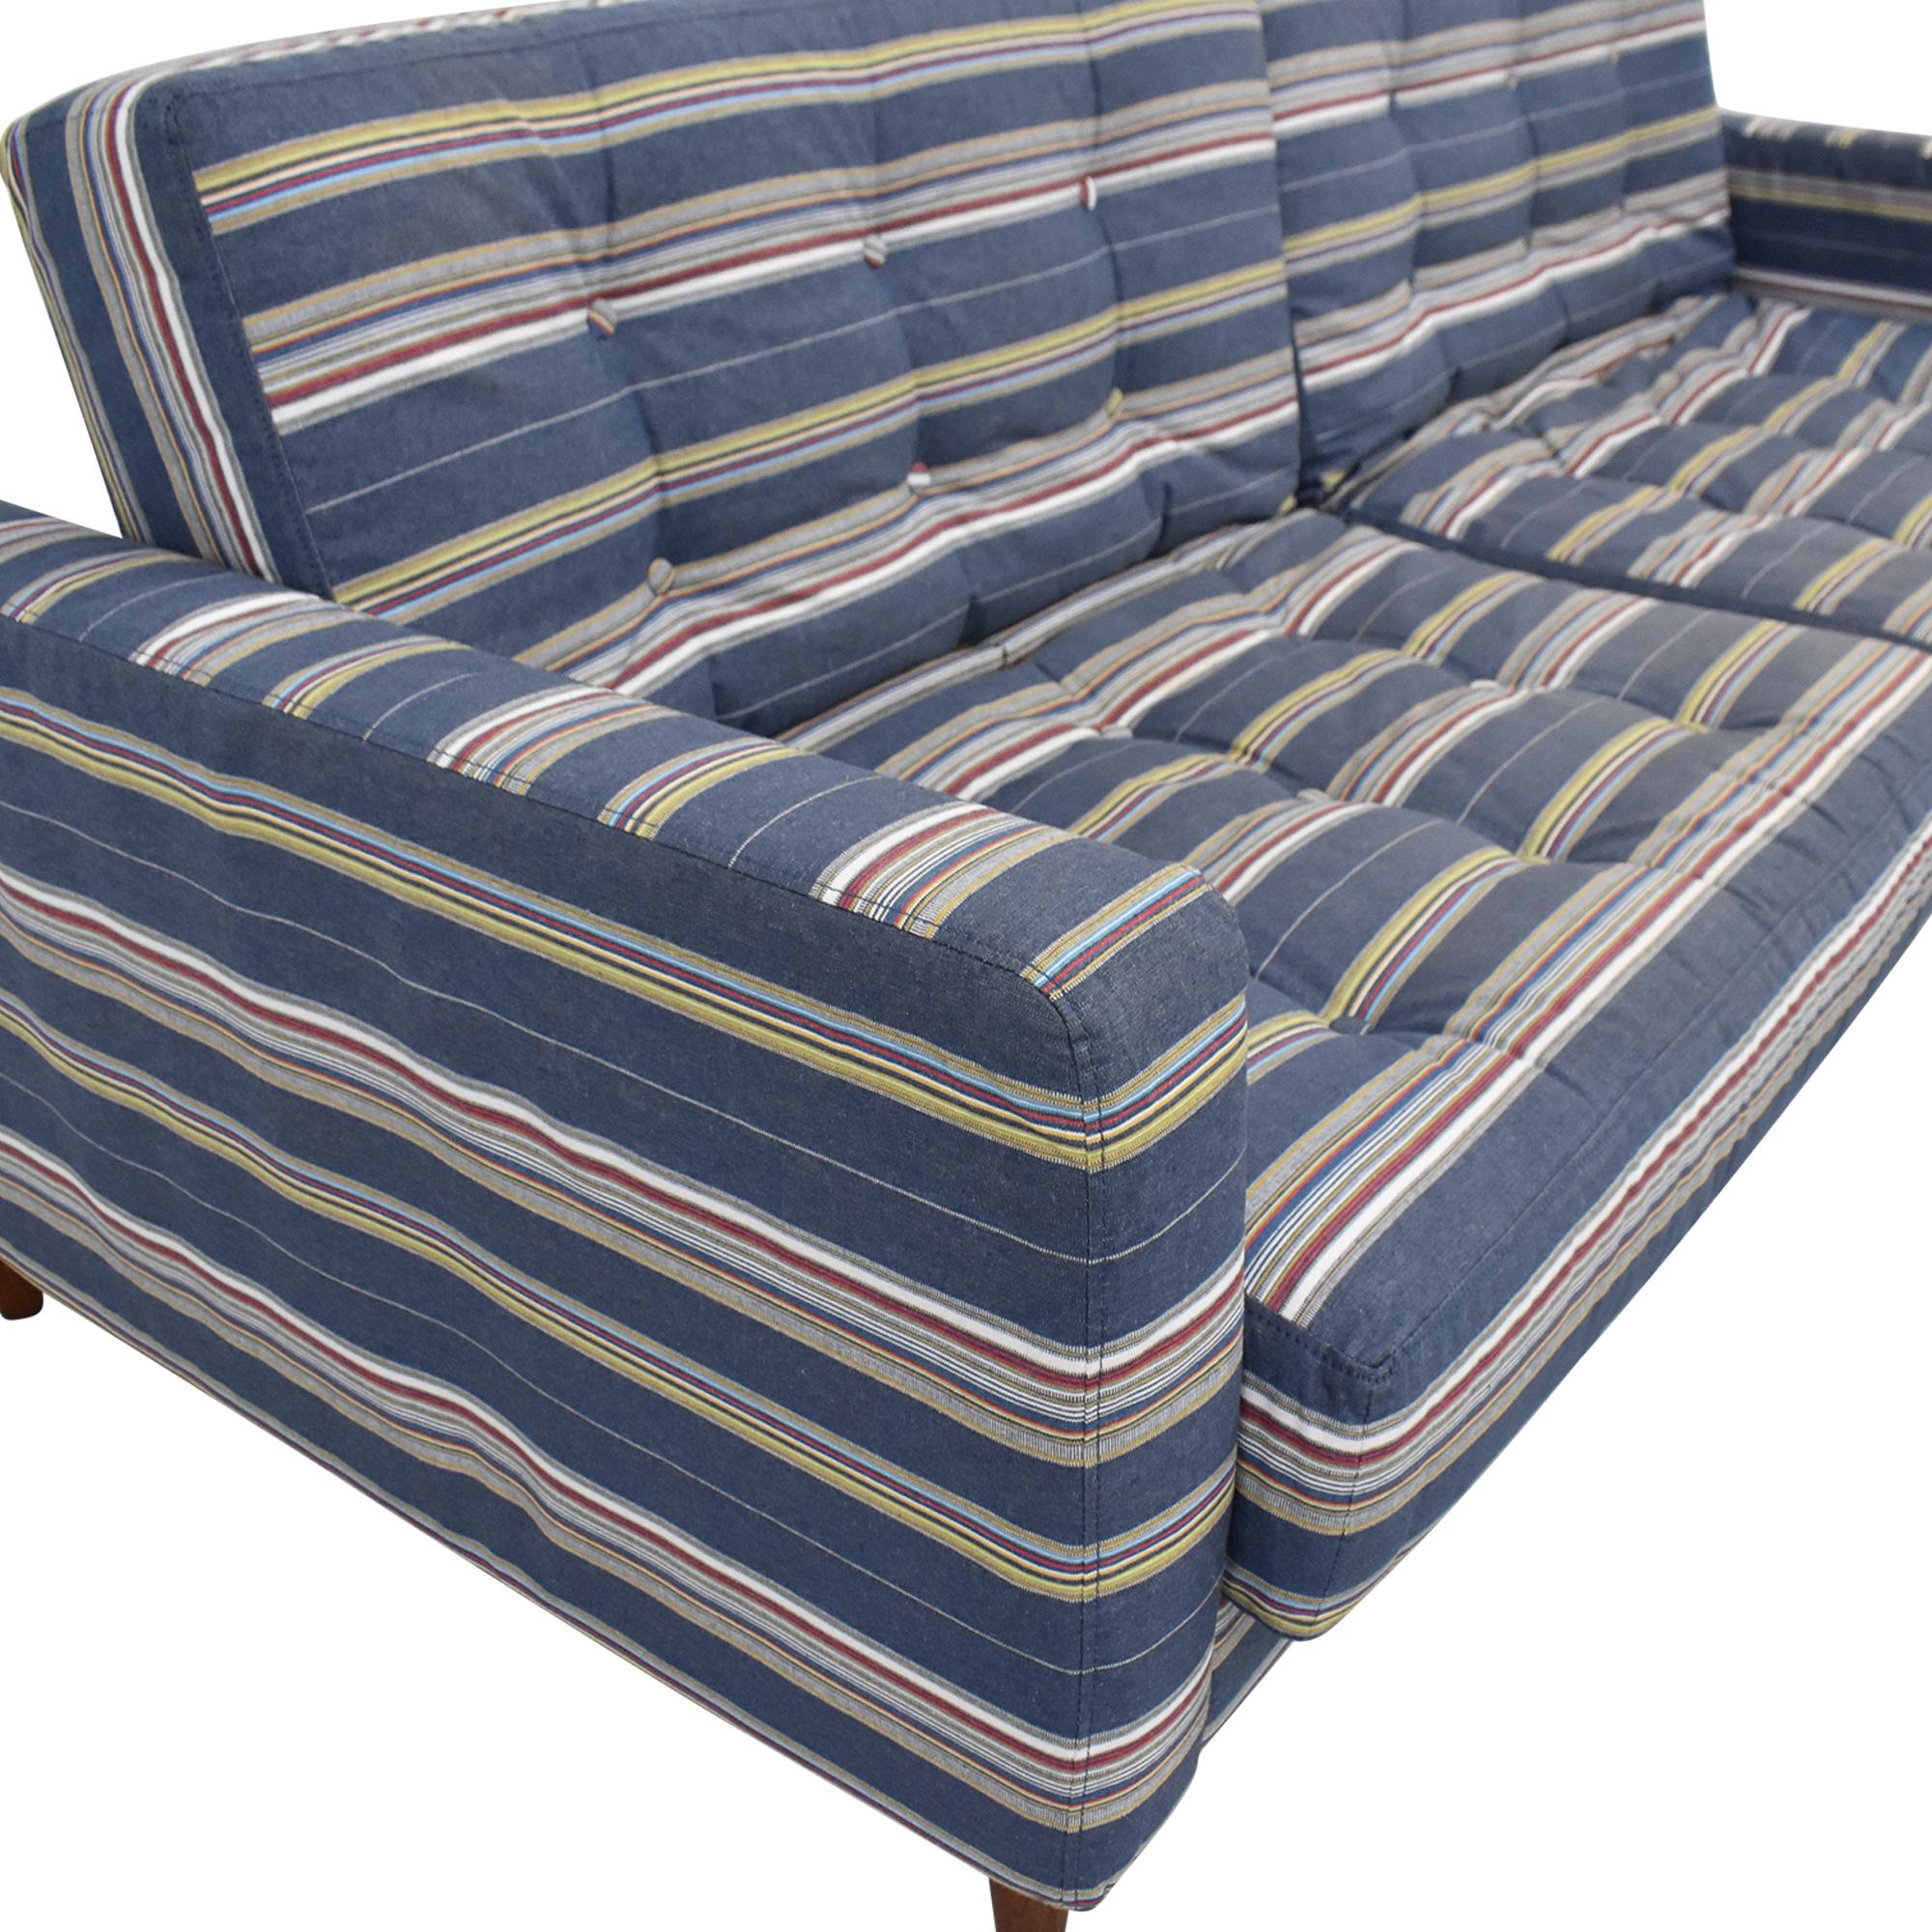 Pottery Barn Teen Pottery Barn Teen Futon Sleeper Sofa